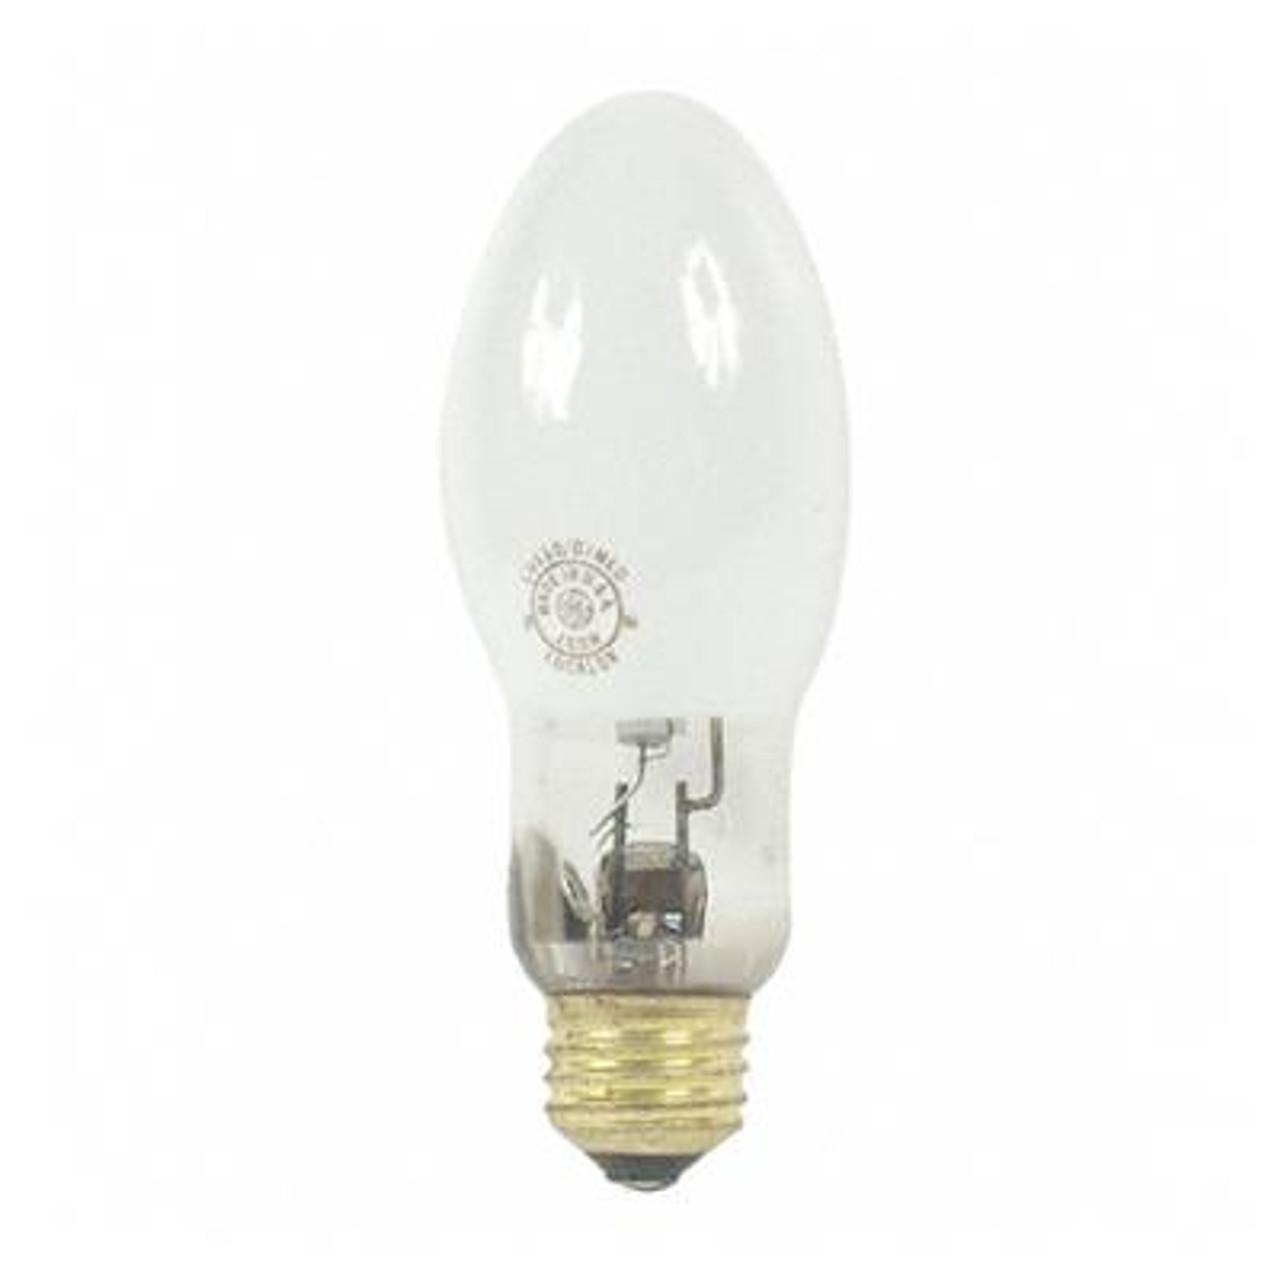 GE LU70//MED Lucalox 70-Watt High Pressure Sodium Lamp Light Bulb 70W S62 HPS E26